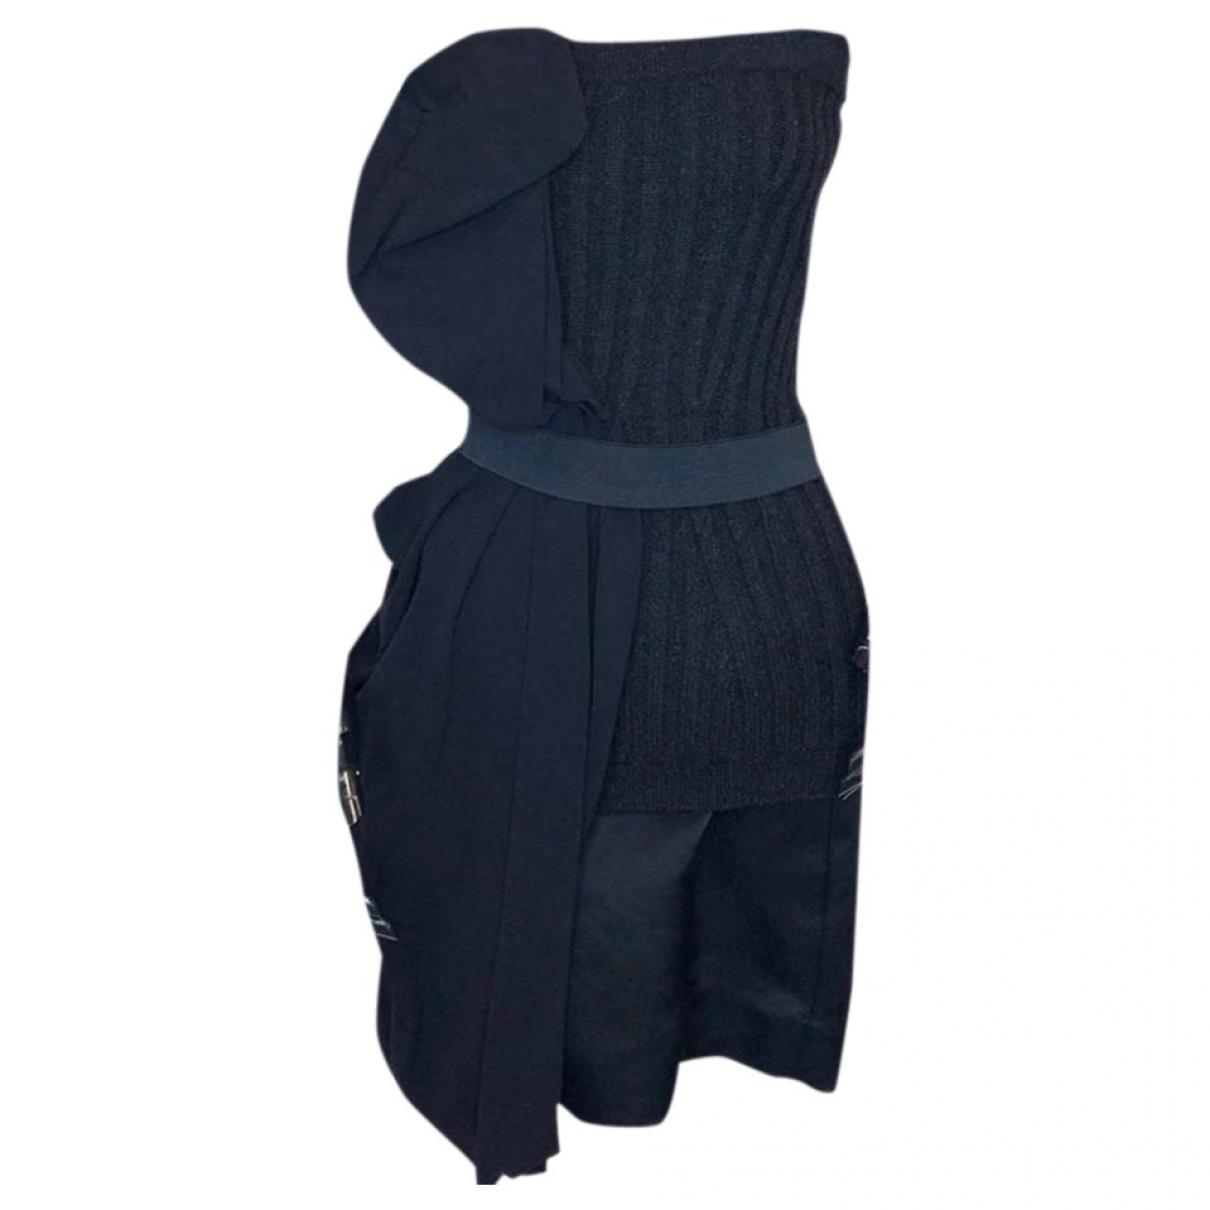 Lanvin \N Kleid in  Grau Wolle